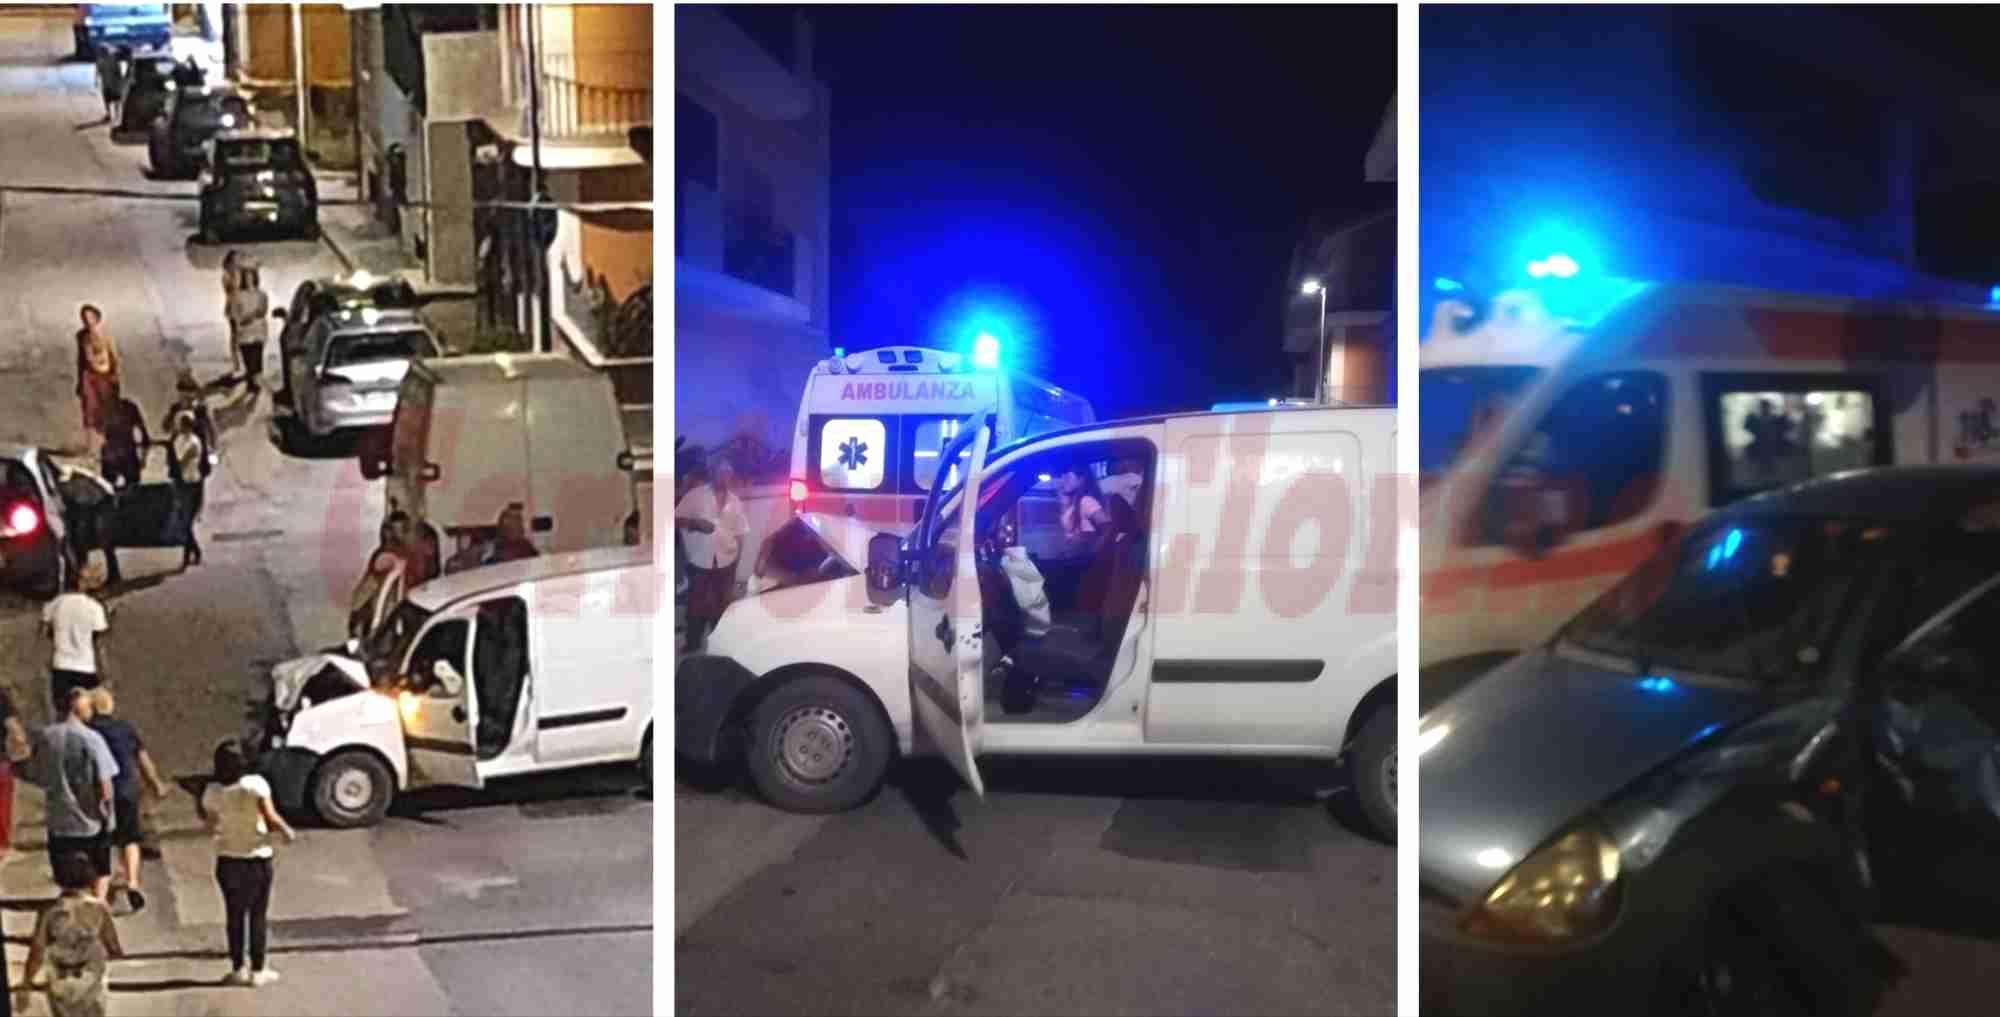 Incidente in Via Alighieri, 4 giovani finiscono all'ospedale